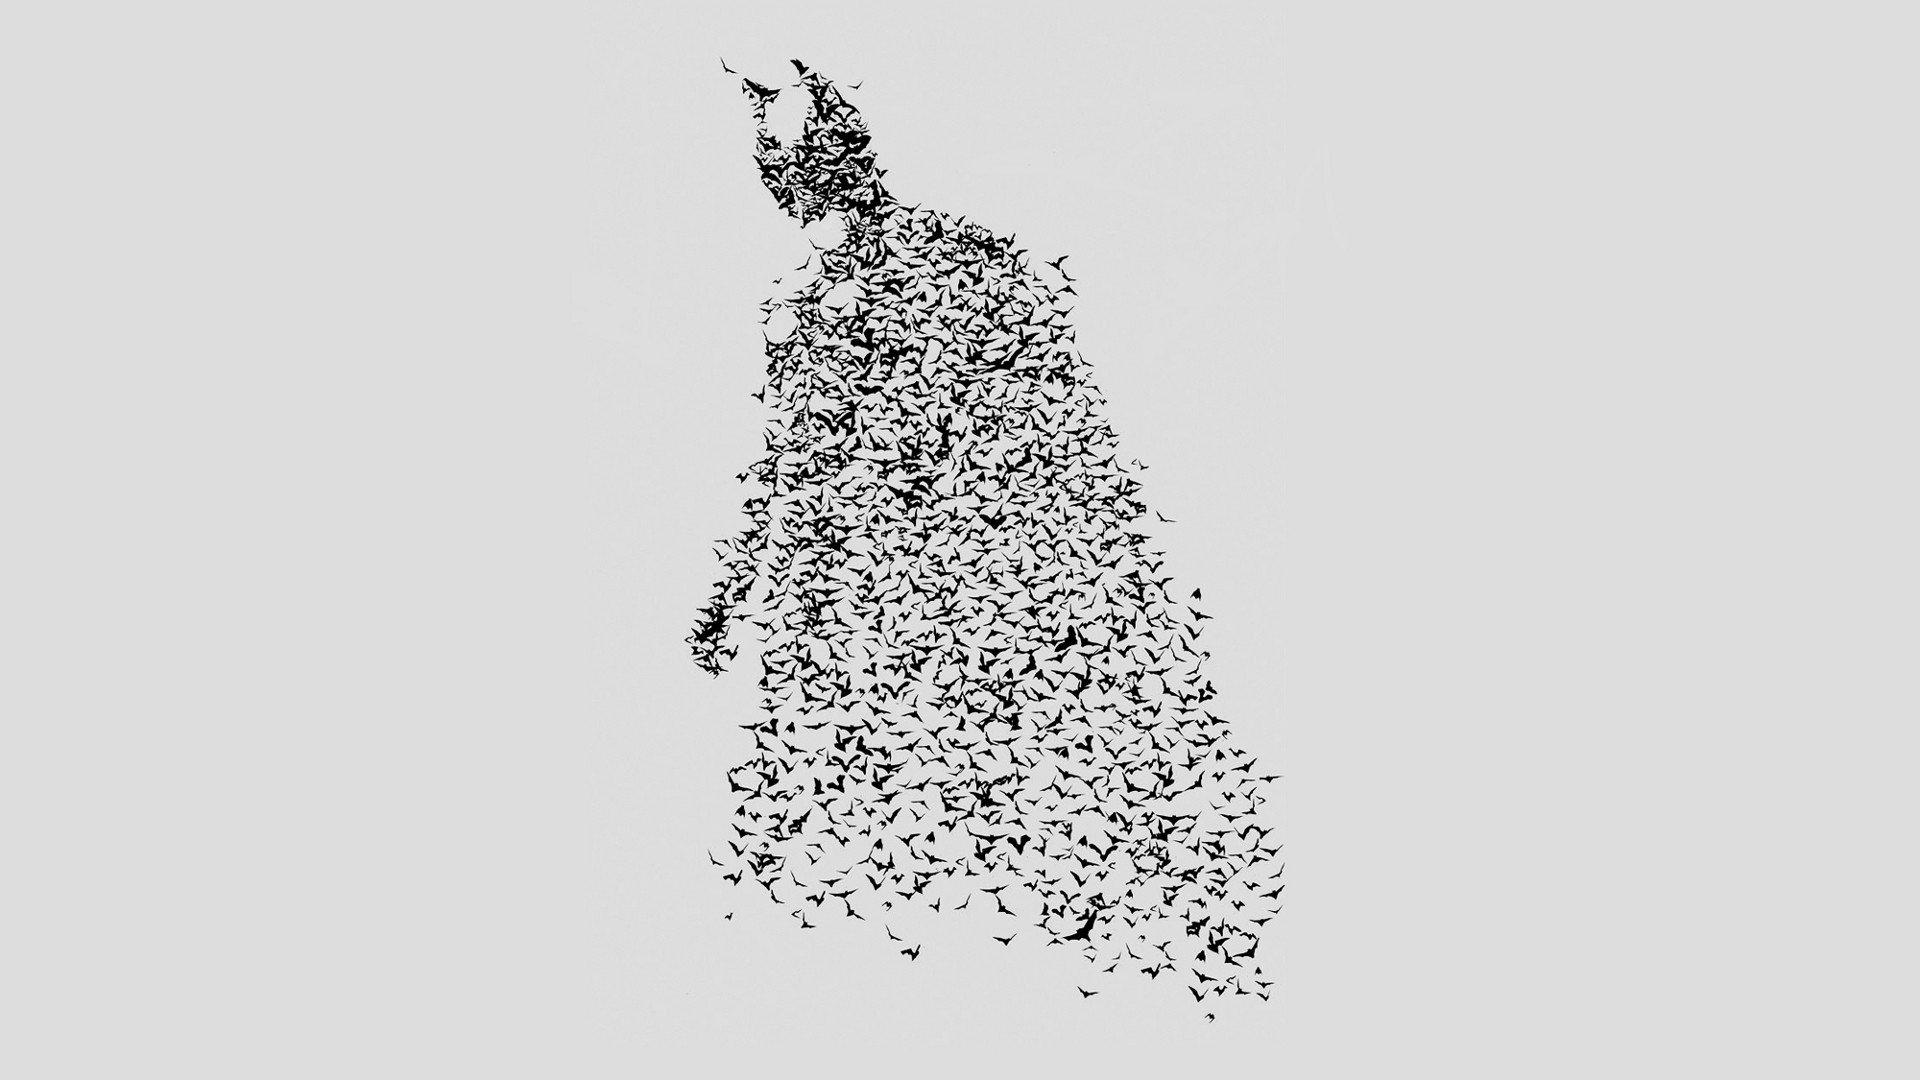 batman wallpaper 4k, batman pics download